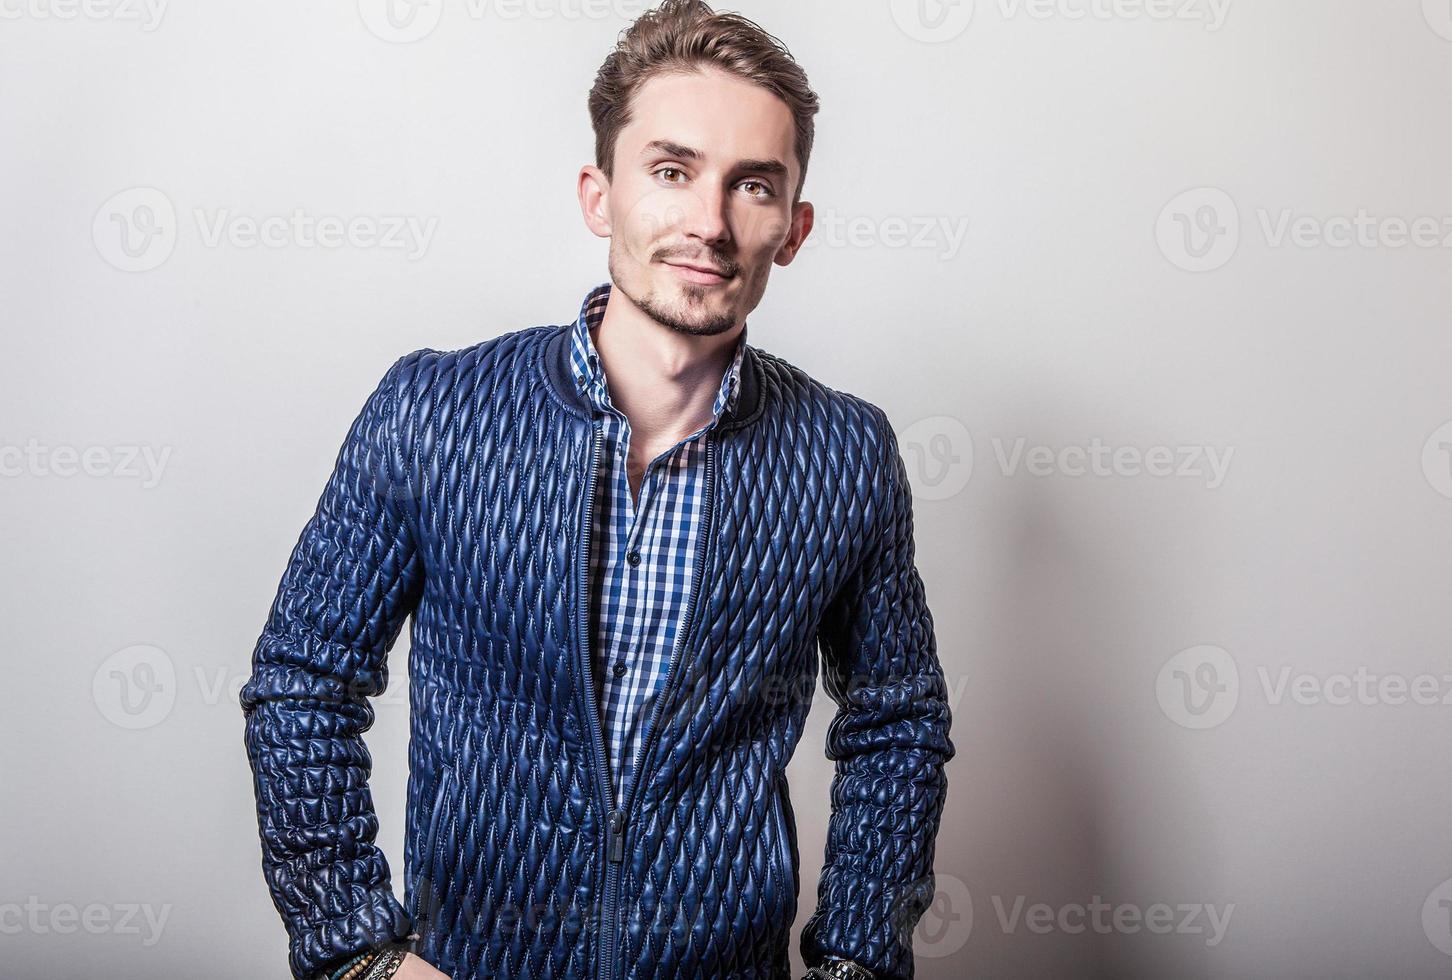 elegante giovane uomo bello in elegante giacca blu scuro. foto